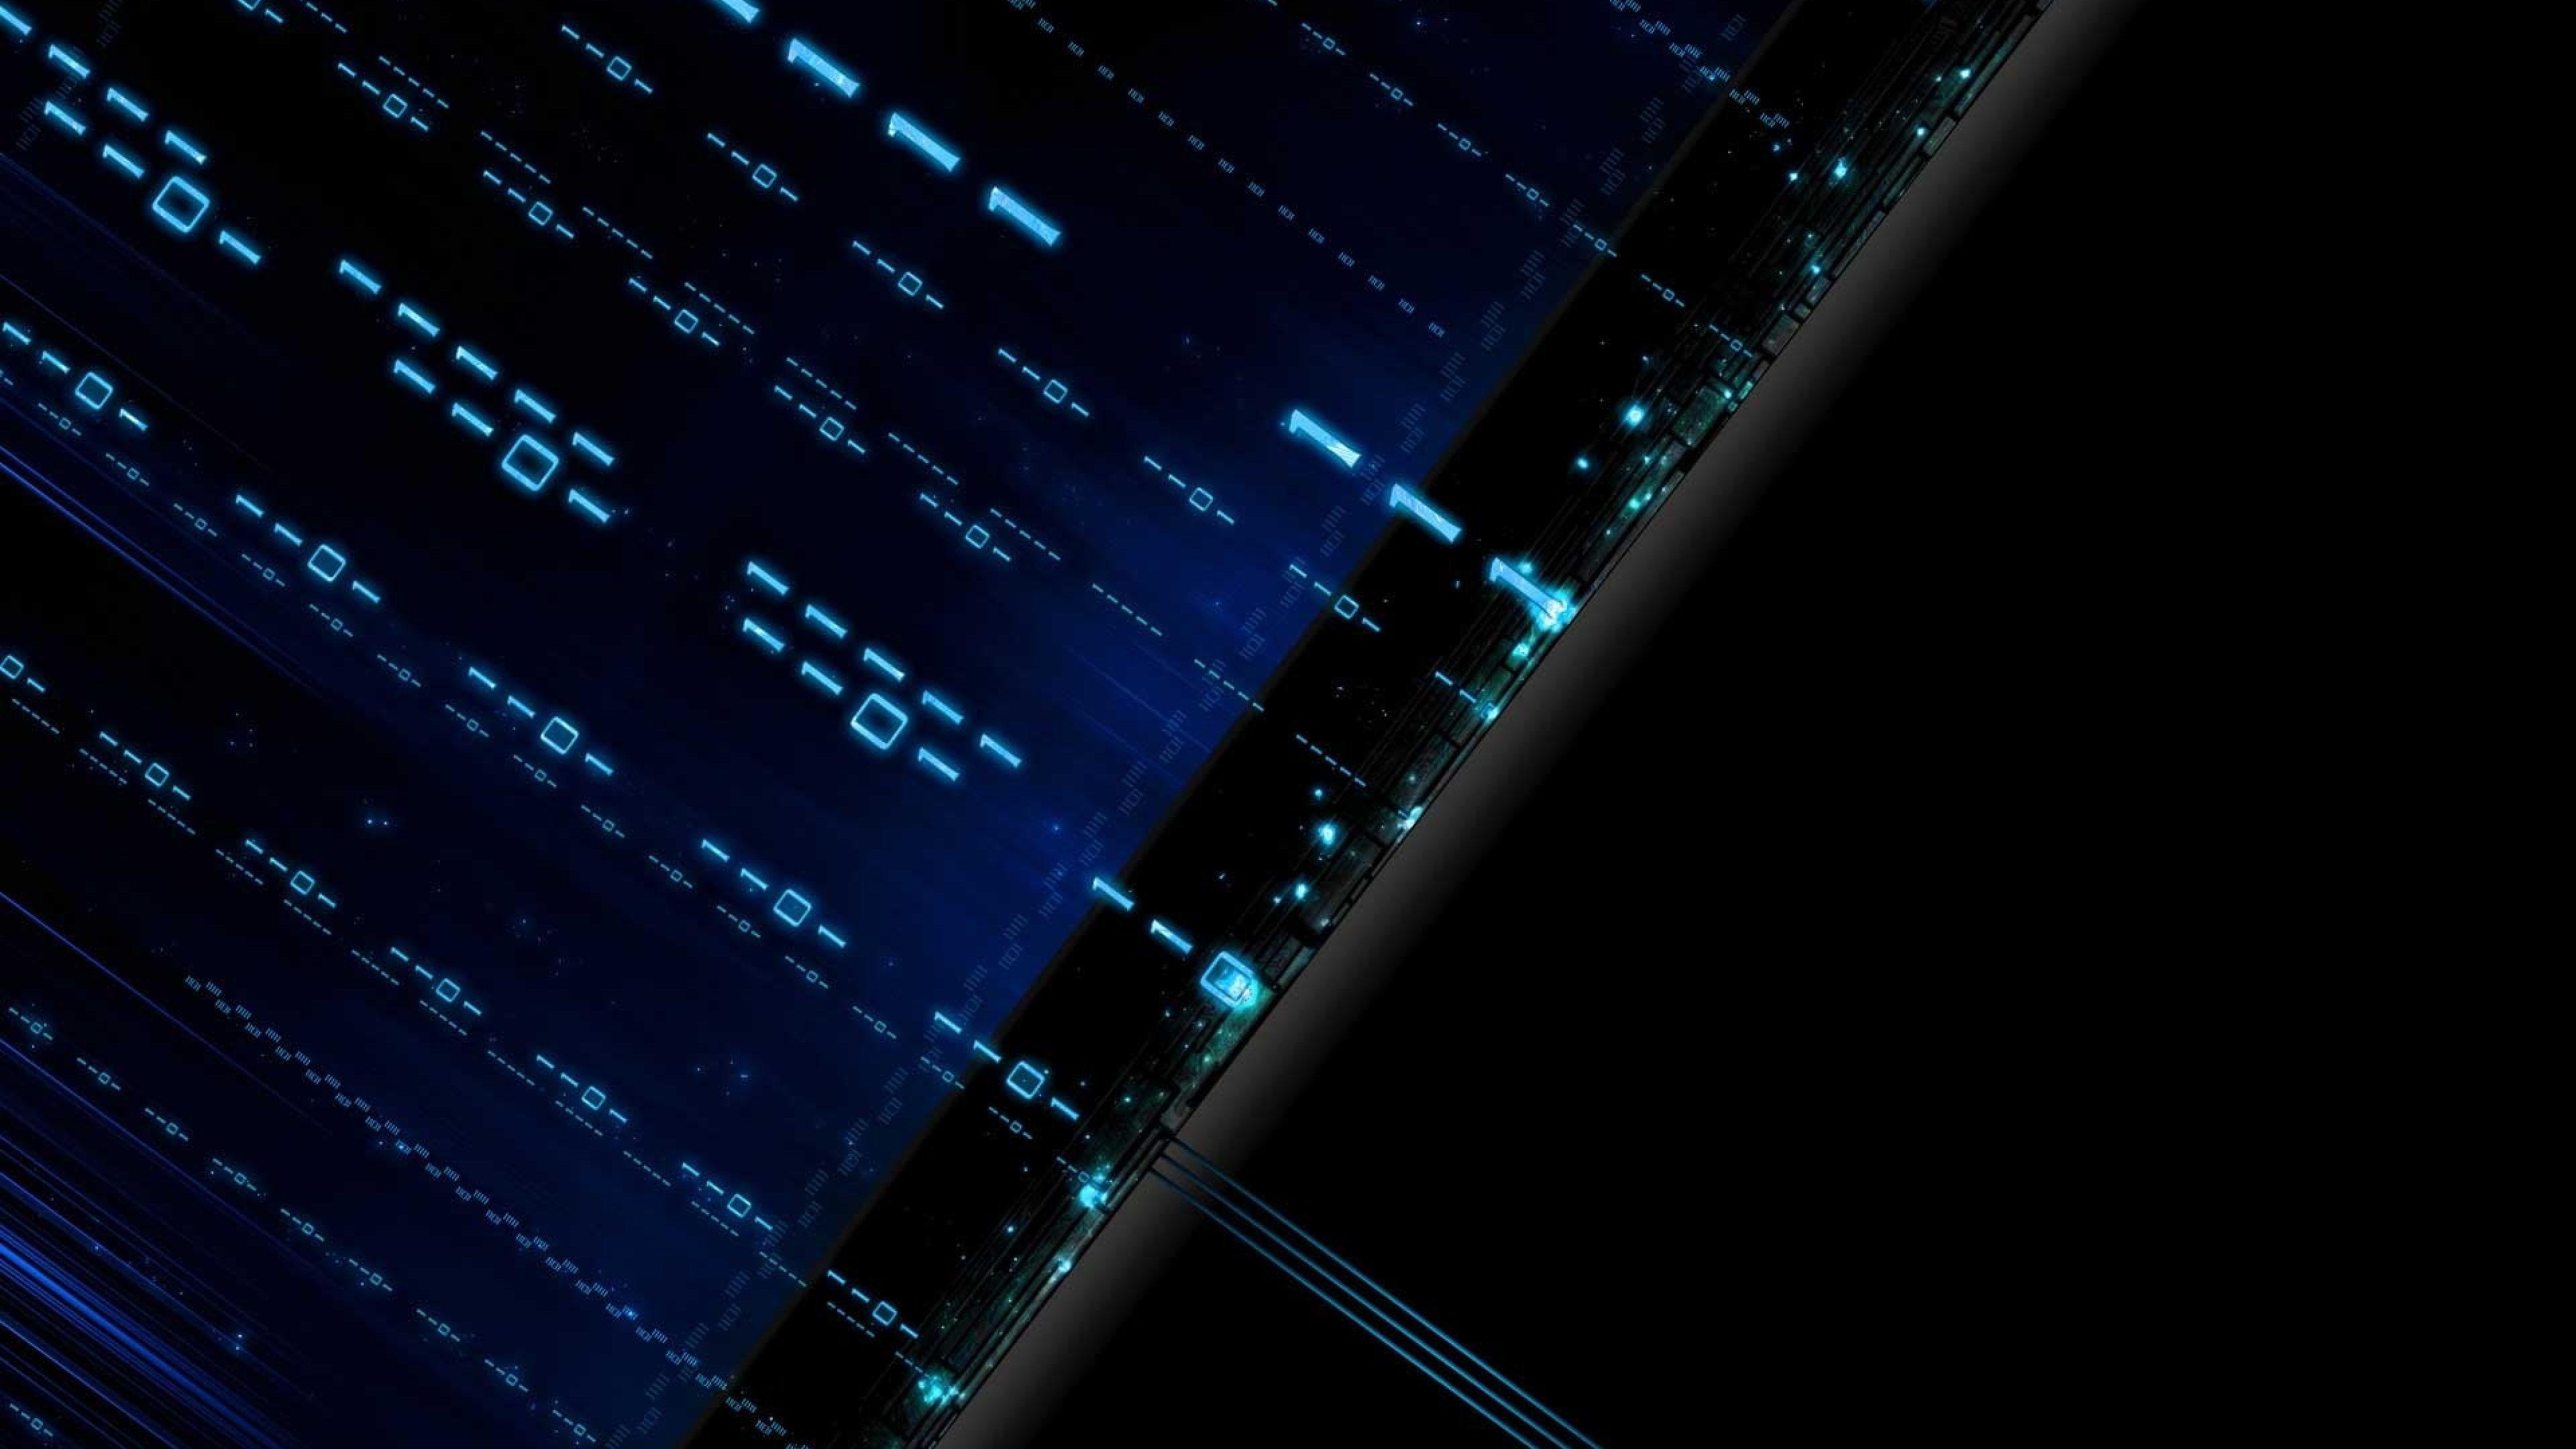 Blue Matrix Wallpaper Hd Resolution Is 4k Wallpaper In 2020 Technology Wallpaper Black And Blue Wallpaper Hi Tech Wallpaper